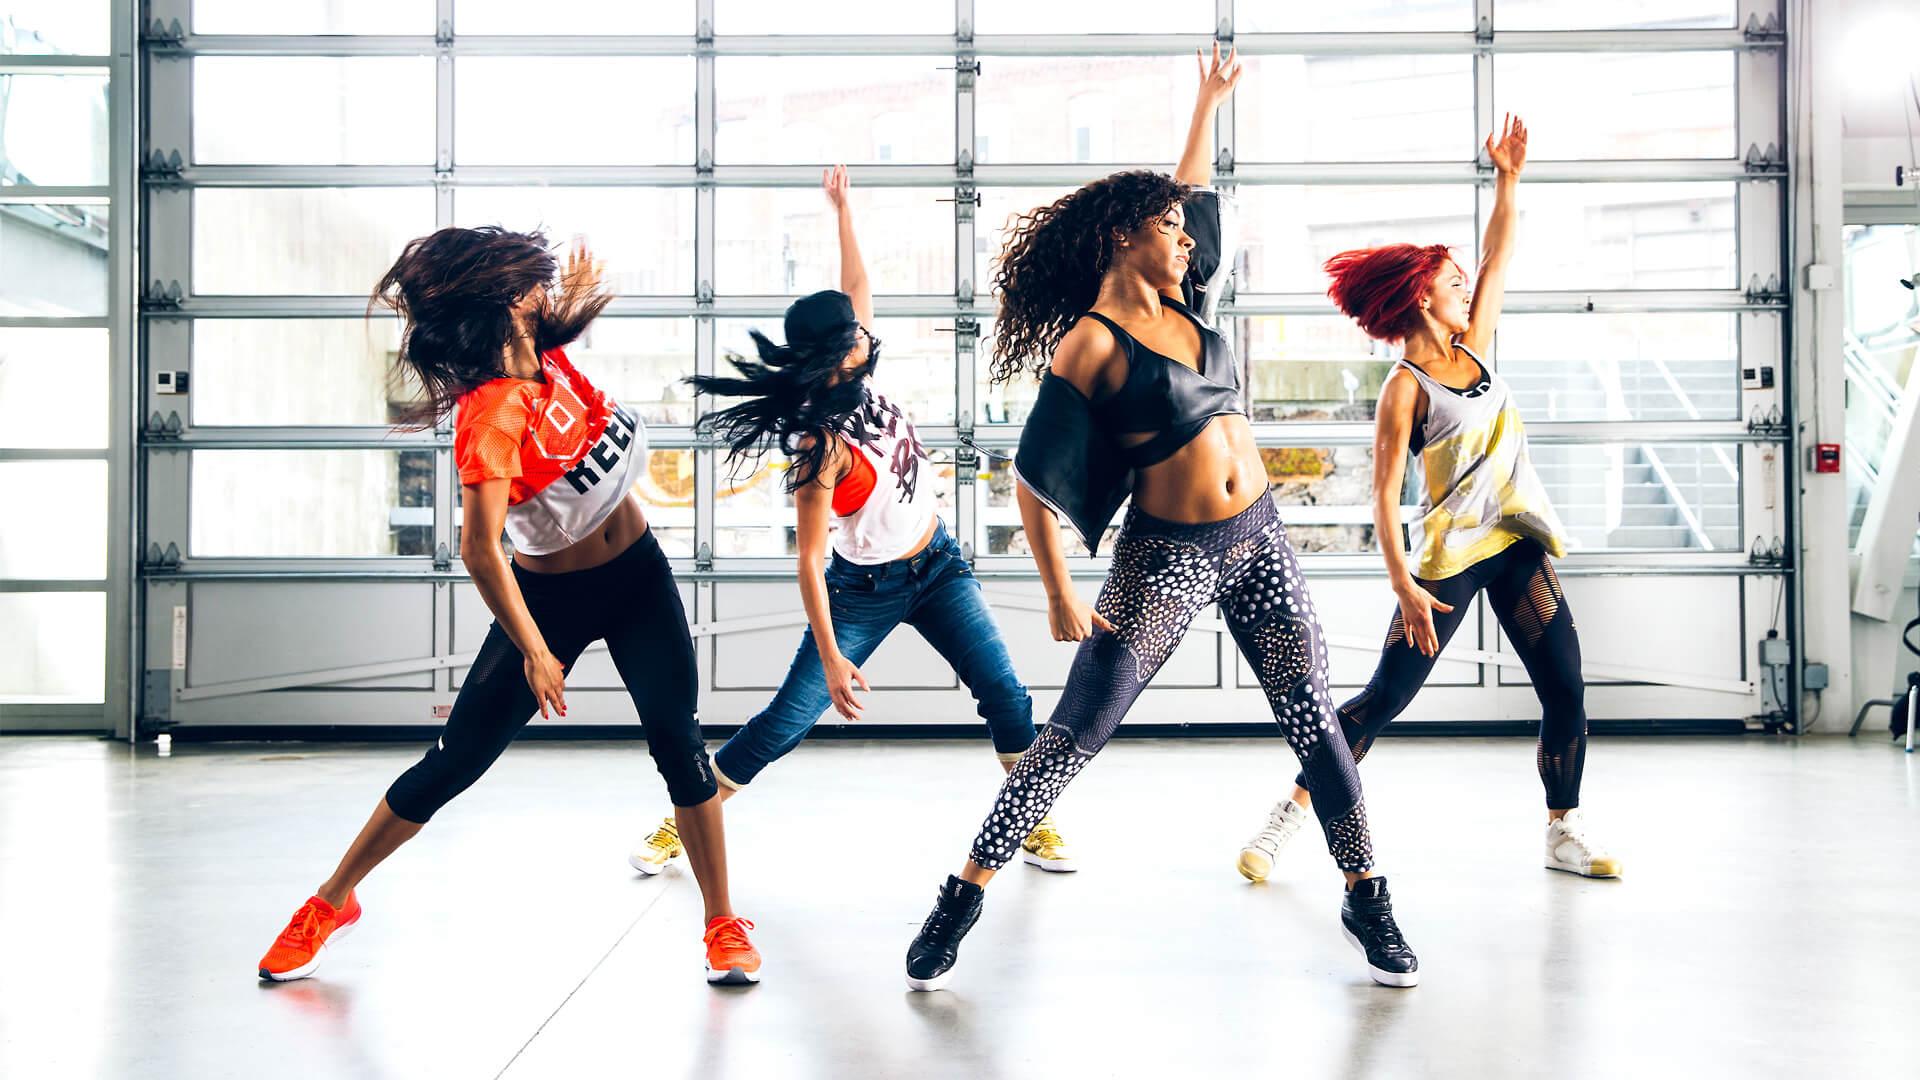 basic of dance tips for beginners